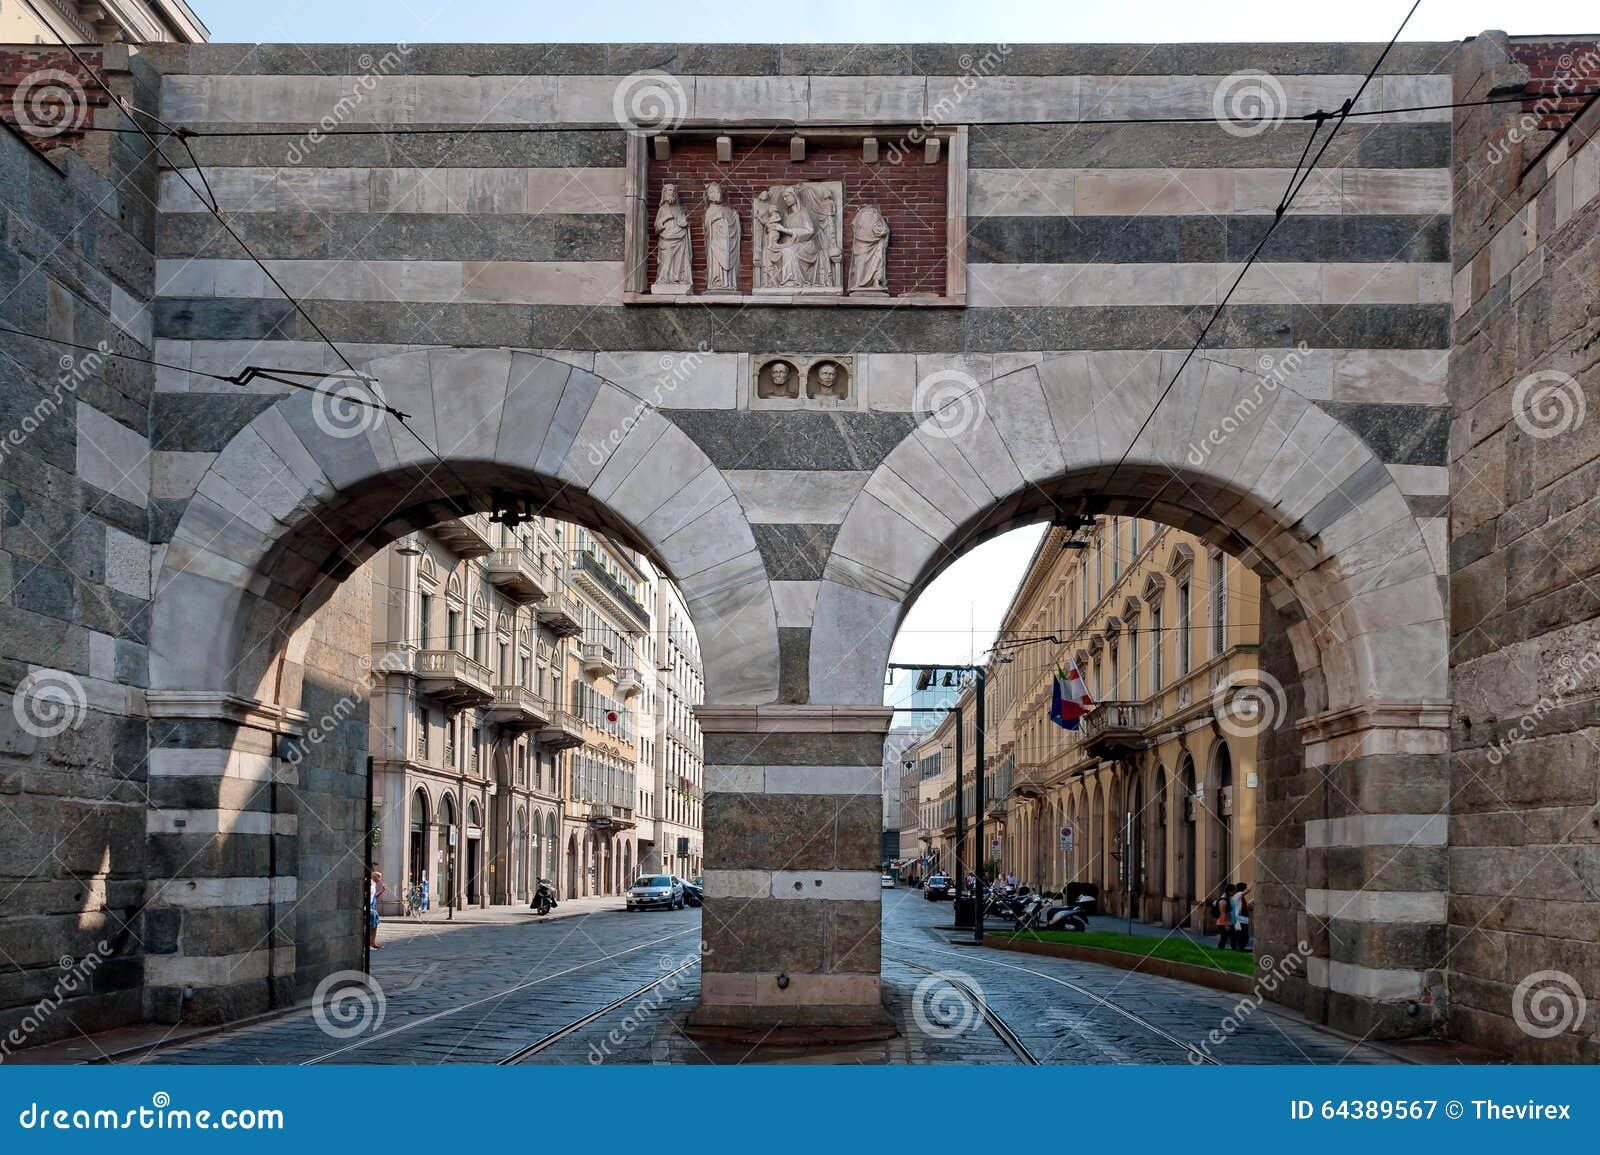 medieval milan - photo#7